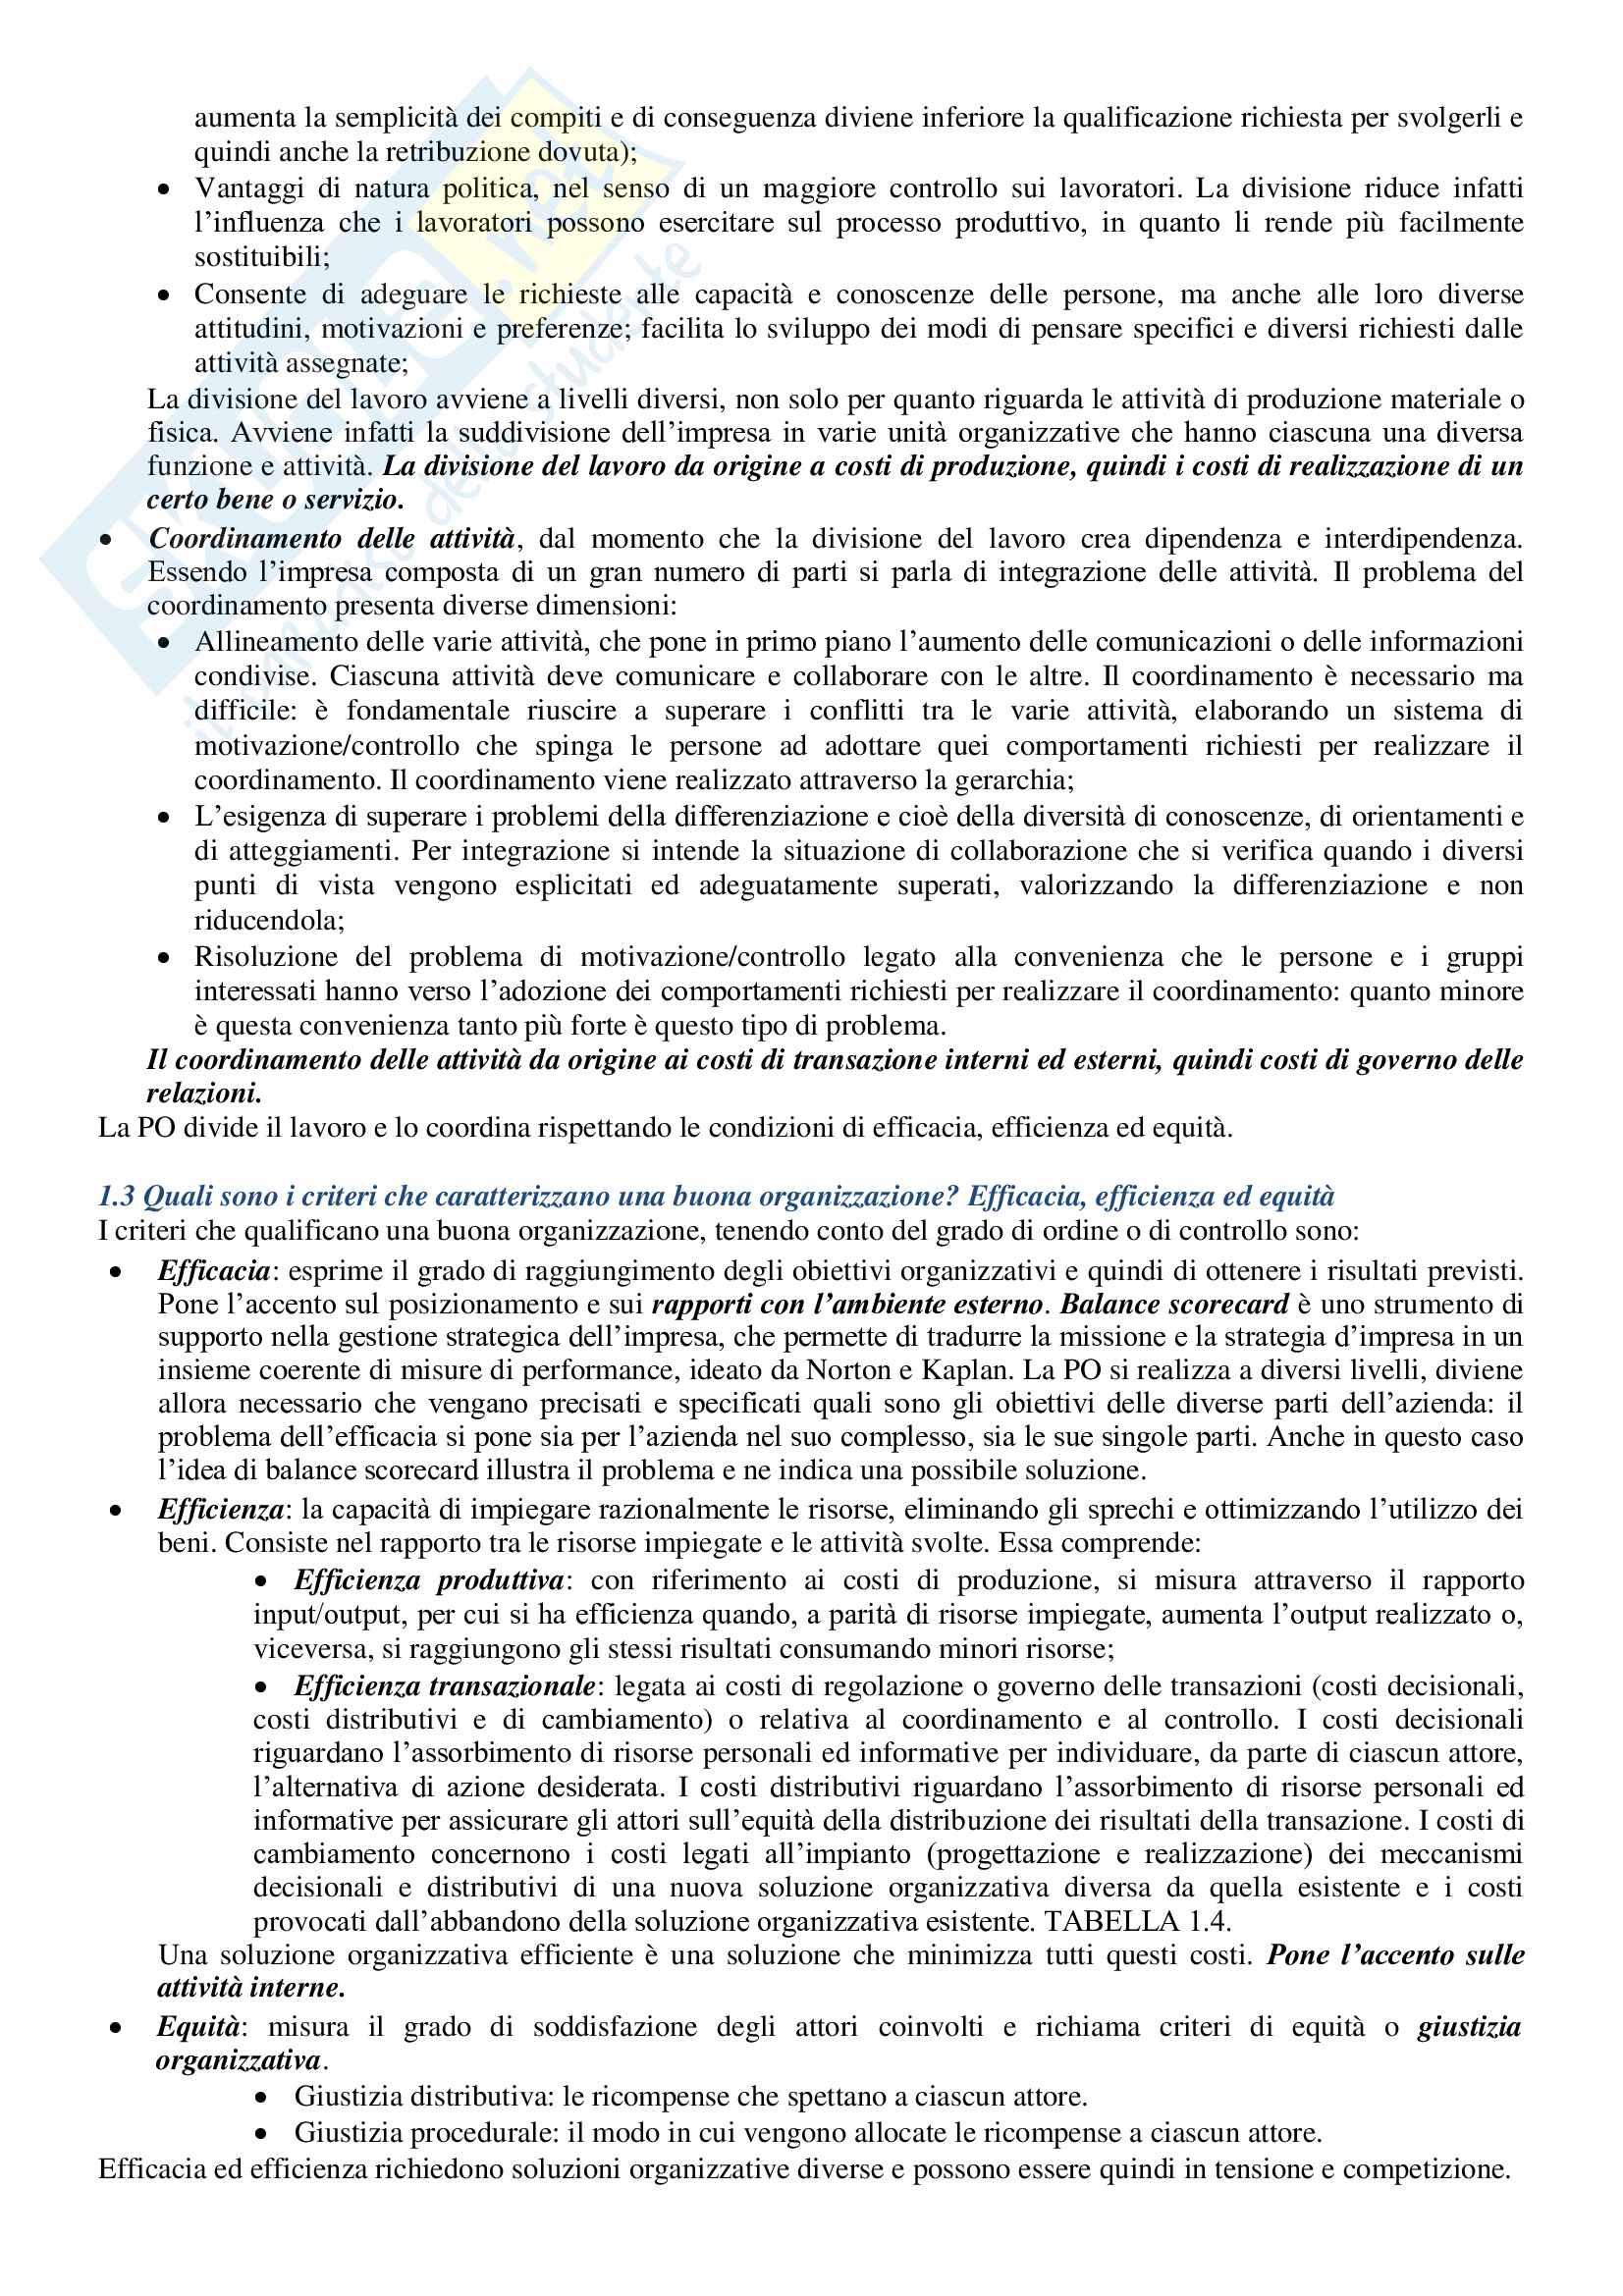 Riassunto Organizzazione delle Aziende Pag. 2